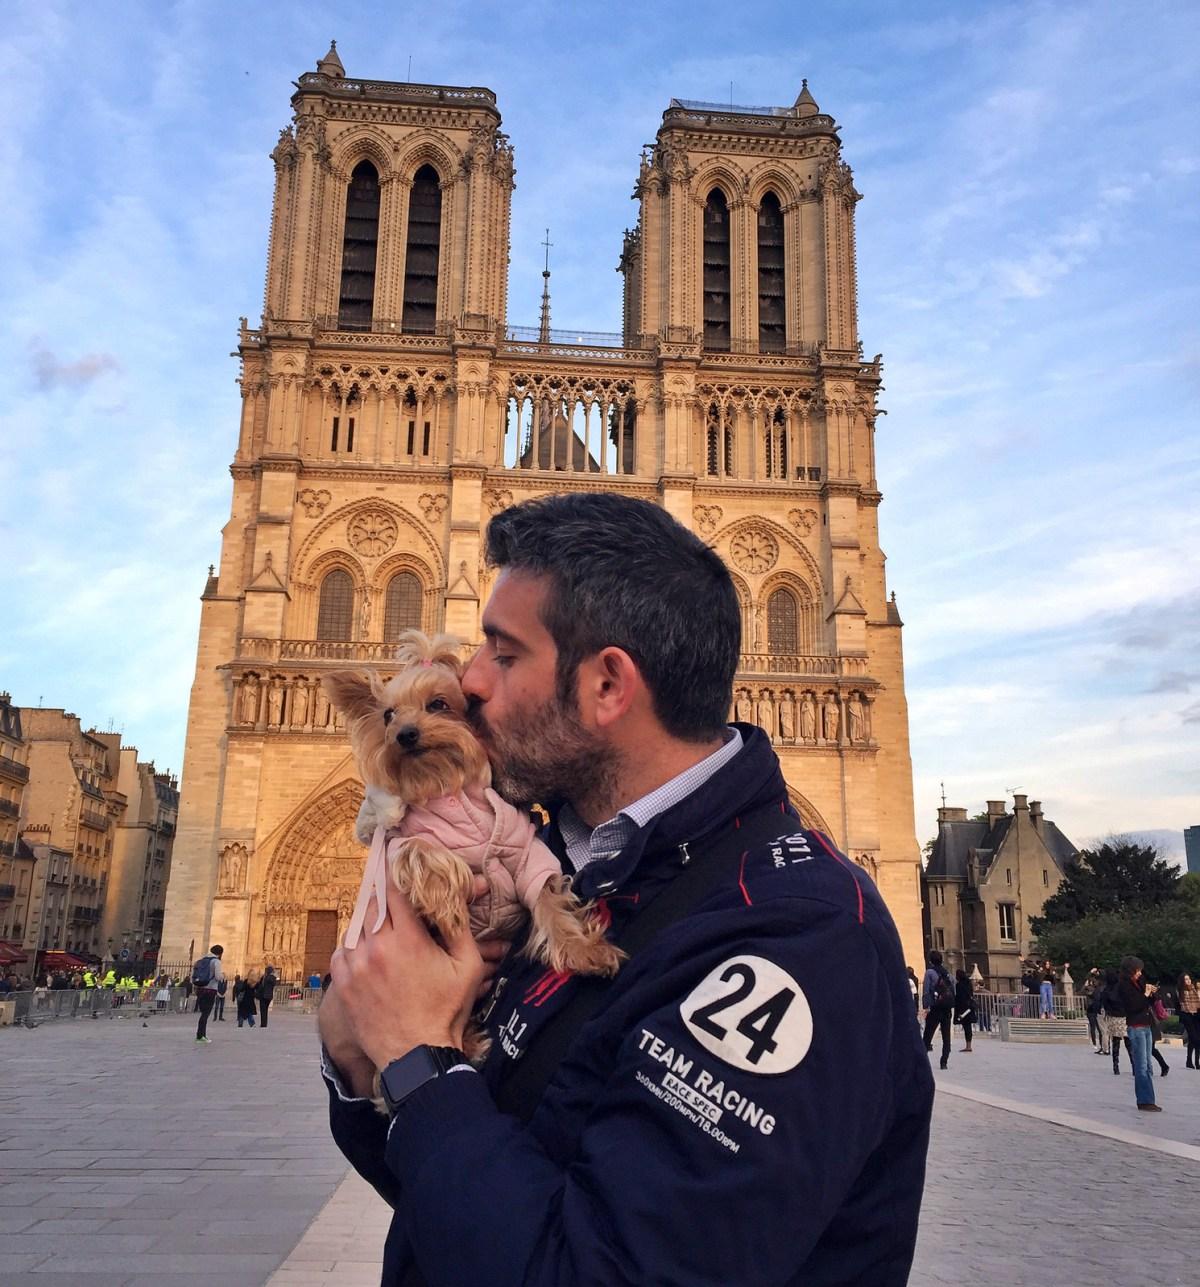 Viajar a Paris con Perro - Travel to Paris with dog viajar a paris con perro Viajar a Paris con perro 34560003436 24211fec2c h